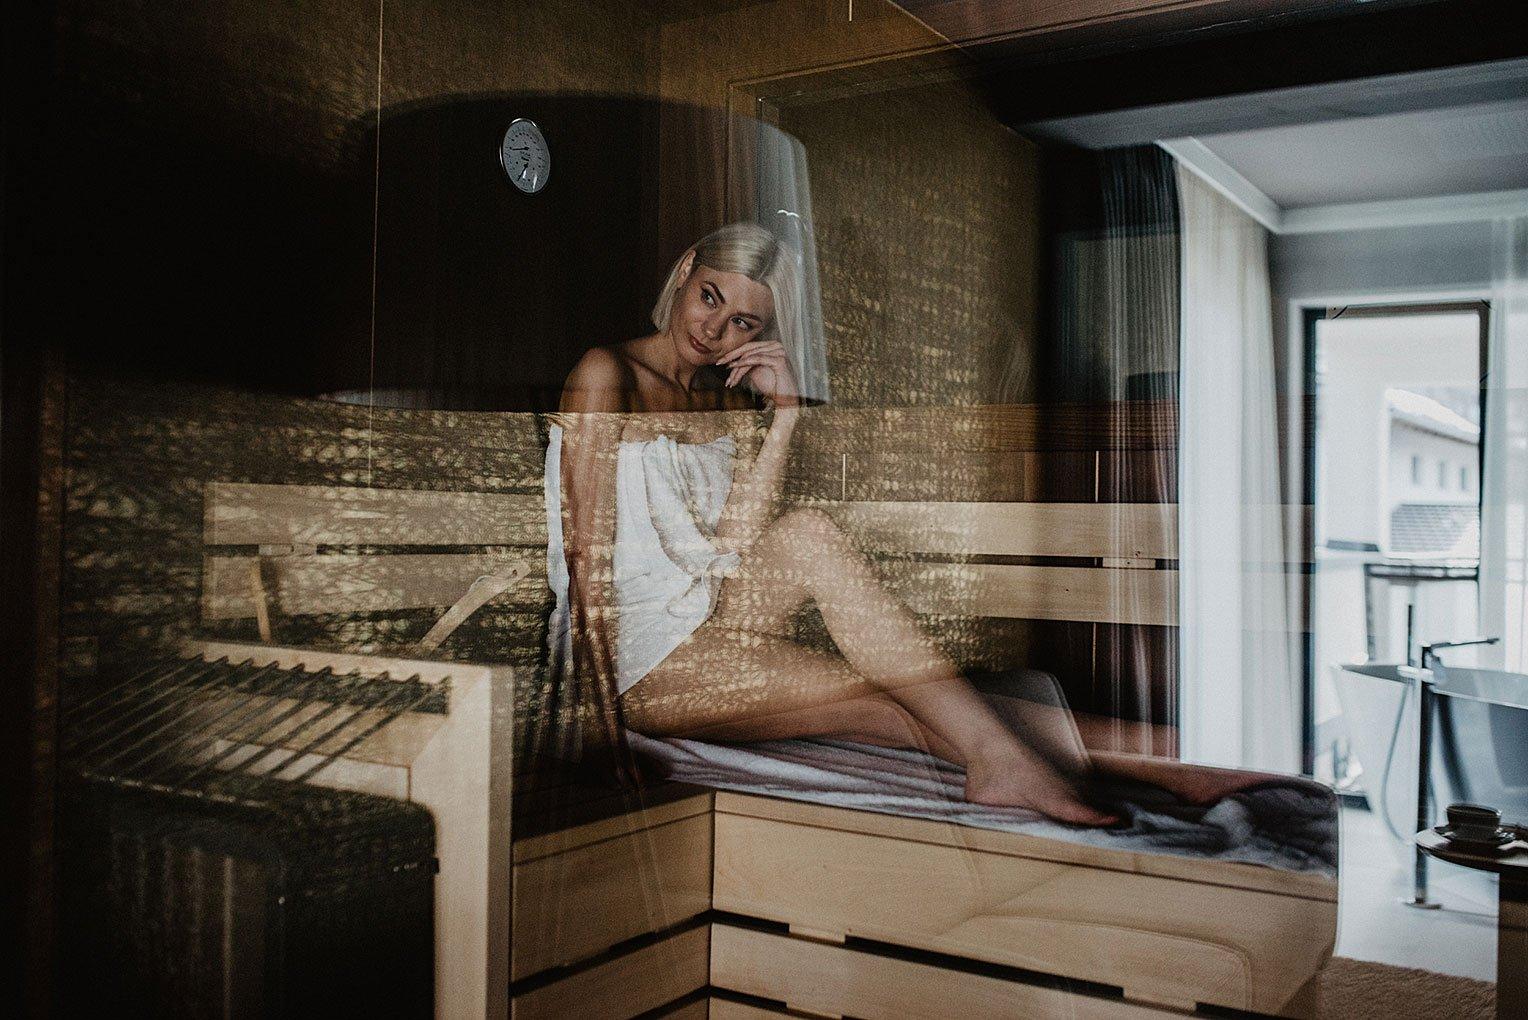 romantisches Pärchenhotel im Bayerischen Wald mit viel Wellness